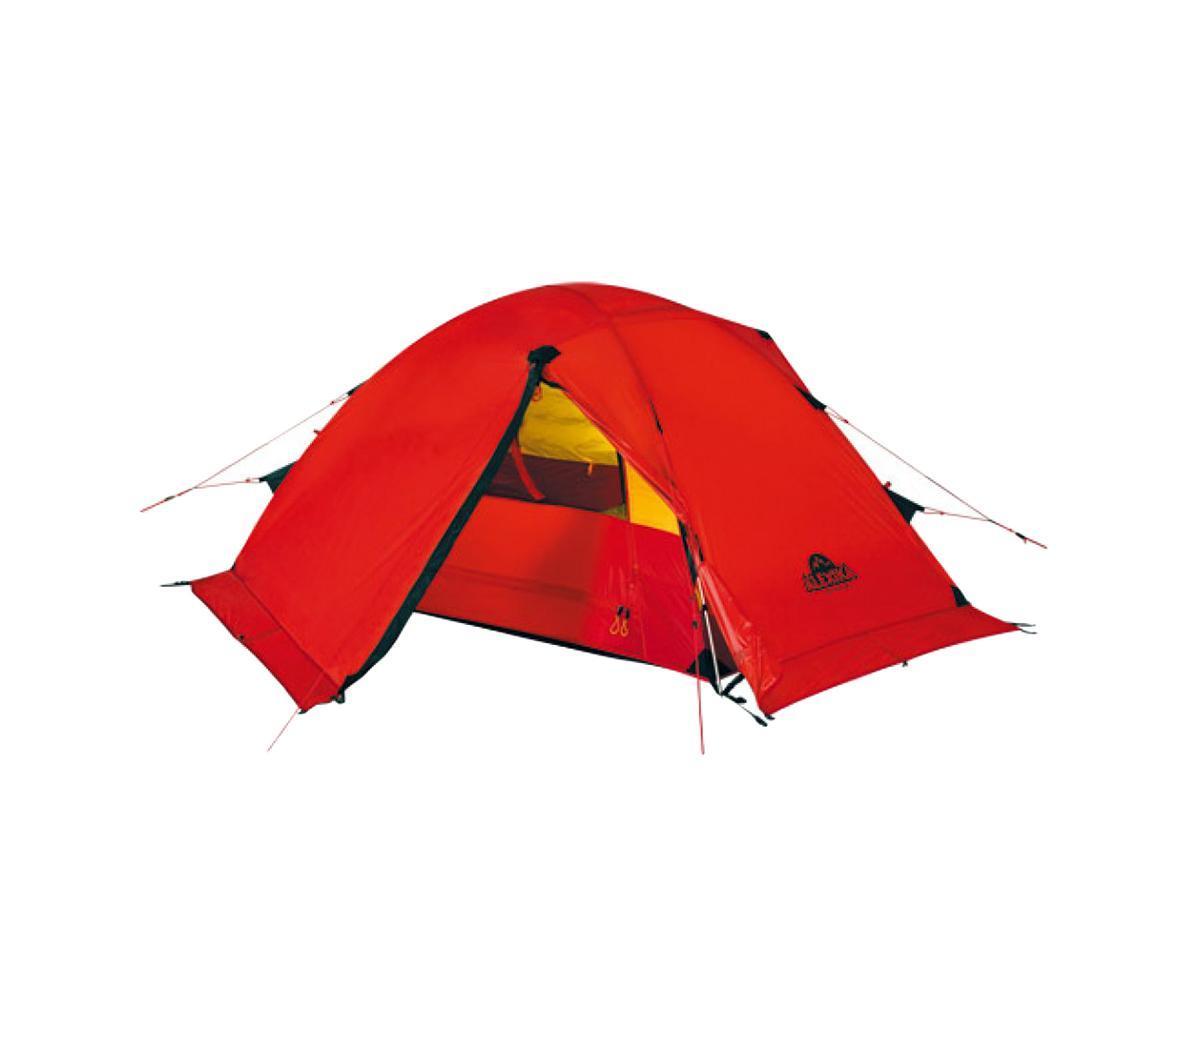 Палатка Alexika Storm 2 Red9115.2103Легкая экспедиционная палатка с двумя тамбурами предназначена для организации высокогорных лагерей, восхождений и эксплуатации в сложных погодных условиях. Обладает высокой ветроустойчивостью, длительное время способна выдерживать сильный дождь и снегопад. Вес: 3,8 кг. Количество мест: 2. Сезонность: зима. Размер: 240 x 215 x 90 см. Размер в чехле: 18 x 52 см. Материал тента: Nylon 30D 250T RipStop Silicon 3000 mm. Материал дна: Polyester 150D Oxford PU 6000 mm. Внутренняя палатка: есть. Материал дуг: Alu 8.5 mm. Ветроустойчивость: очень высокая. Количество входов: 2. Цвет: красный. Область применения: экстрим. Технологии:Пропитка, задерживающая распространение огня. Швы герметизированы термоусадочной лентой. Тент устойчив к ультрафиолету. Узлы палатки, испытывающие высокие нагрузки, усилены более прочной тканью. Край тента обшит прочной стропой. Молнии на внешнем тенте фиксируются алюминиевым крючком. Эффективная система вентиляции состоит из двух вентиляционных окон с ветровым клапаном, расположенных в верхней точке купола. Прочный нейлоновый тент с усиленным плетением RipStop и силиконовым покрытием. Полог (юбка) по периметру палатки защищает от попадания дождя и снега и при загрузке увеличивает устойчивость конструкции. При необходимости быстро собирается с помощью петель с фиксаторами. Молнии YKK на внешнем тенте. Цвет: оранжевый. Материал: Nylon 6.6 30D 250T RipStop Silicon PU, polyester 150D Oxford PU.